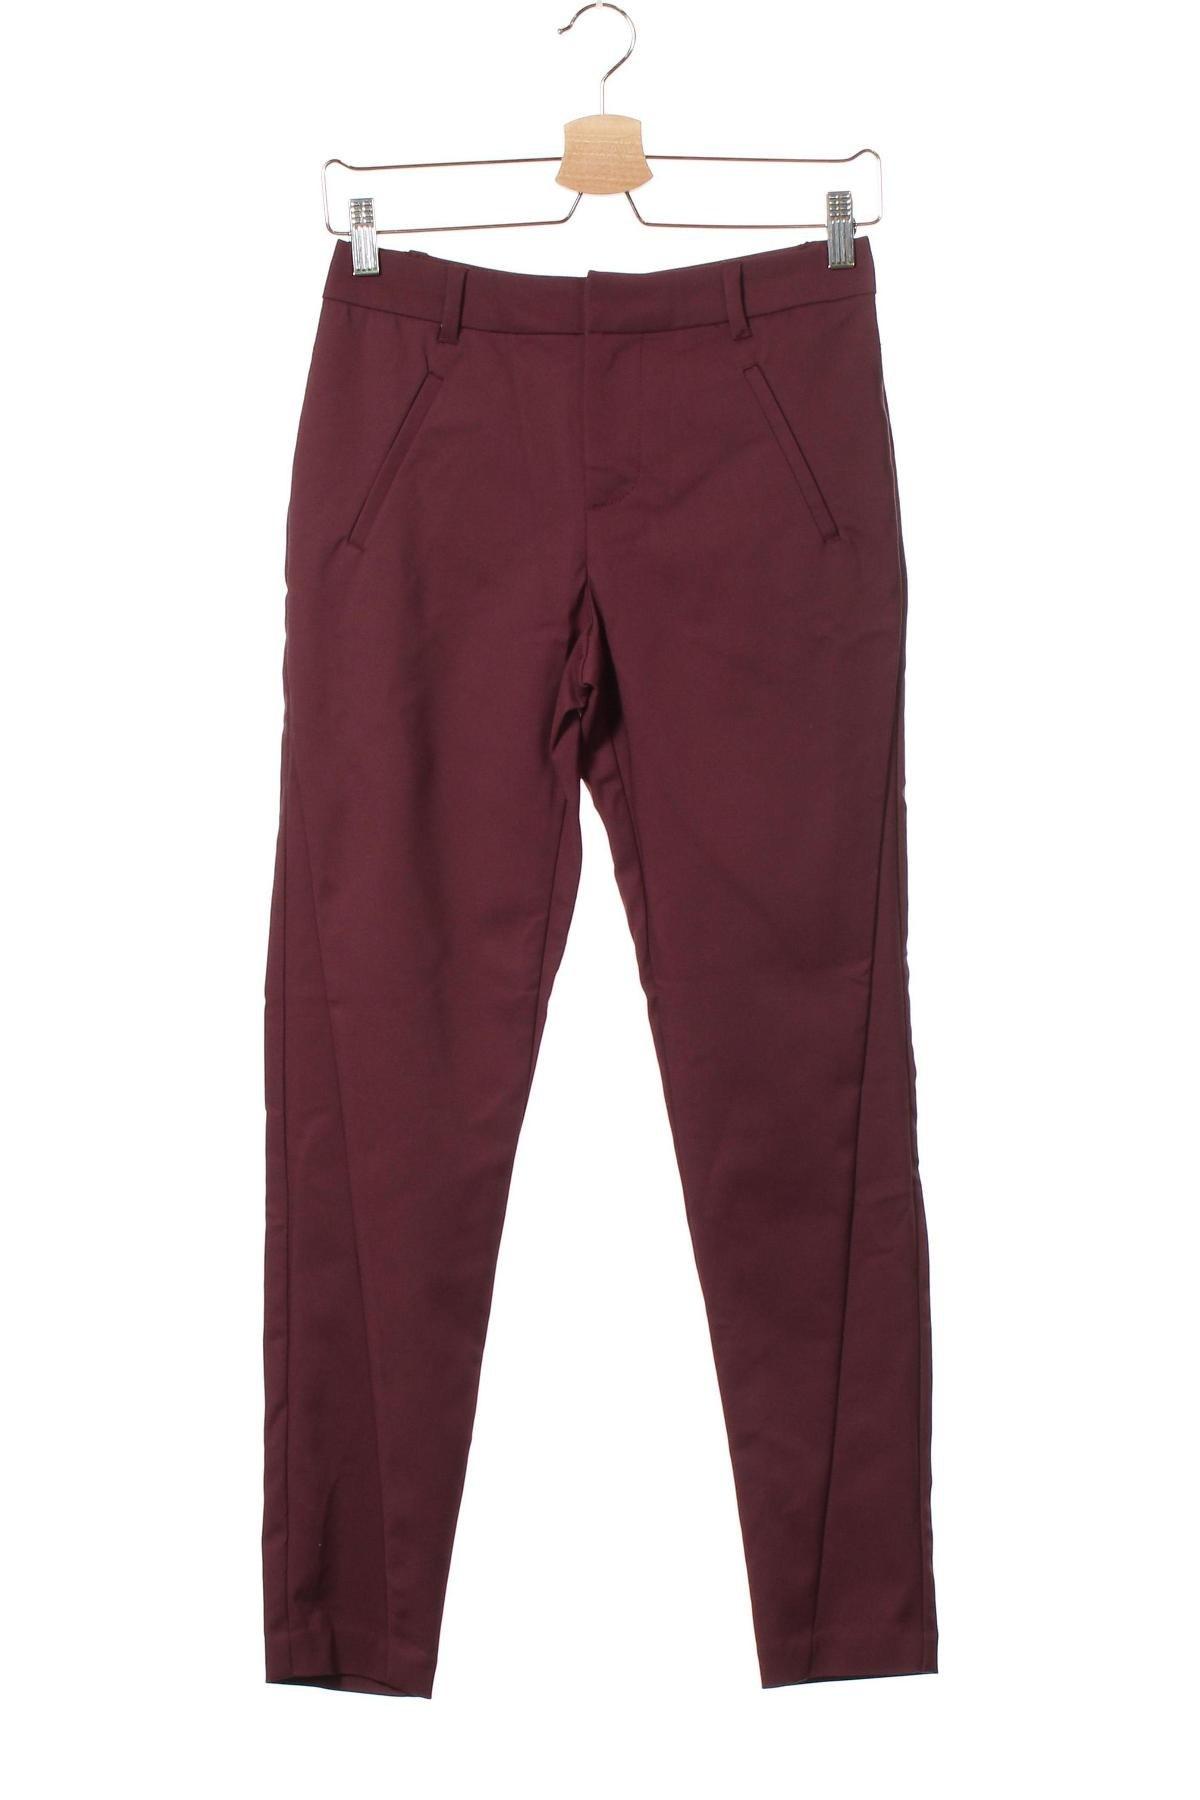 Дамски панталон Vero Moda, Размер XS, Цвят Червен, 49% памук, 48% полиестер, 3% еластан, Цена 42,00лв.